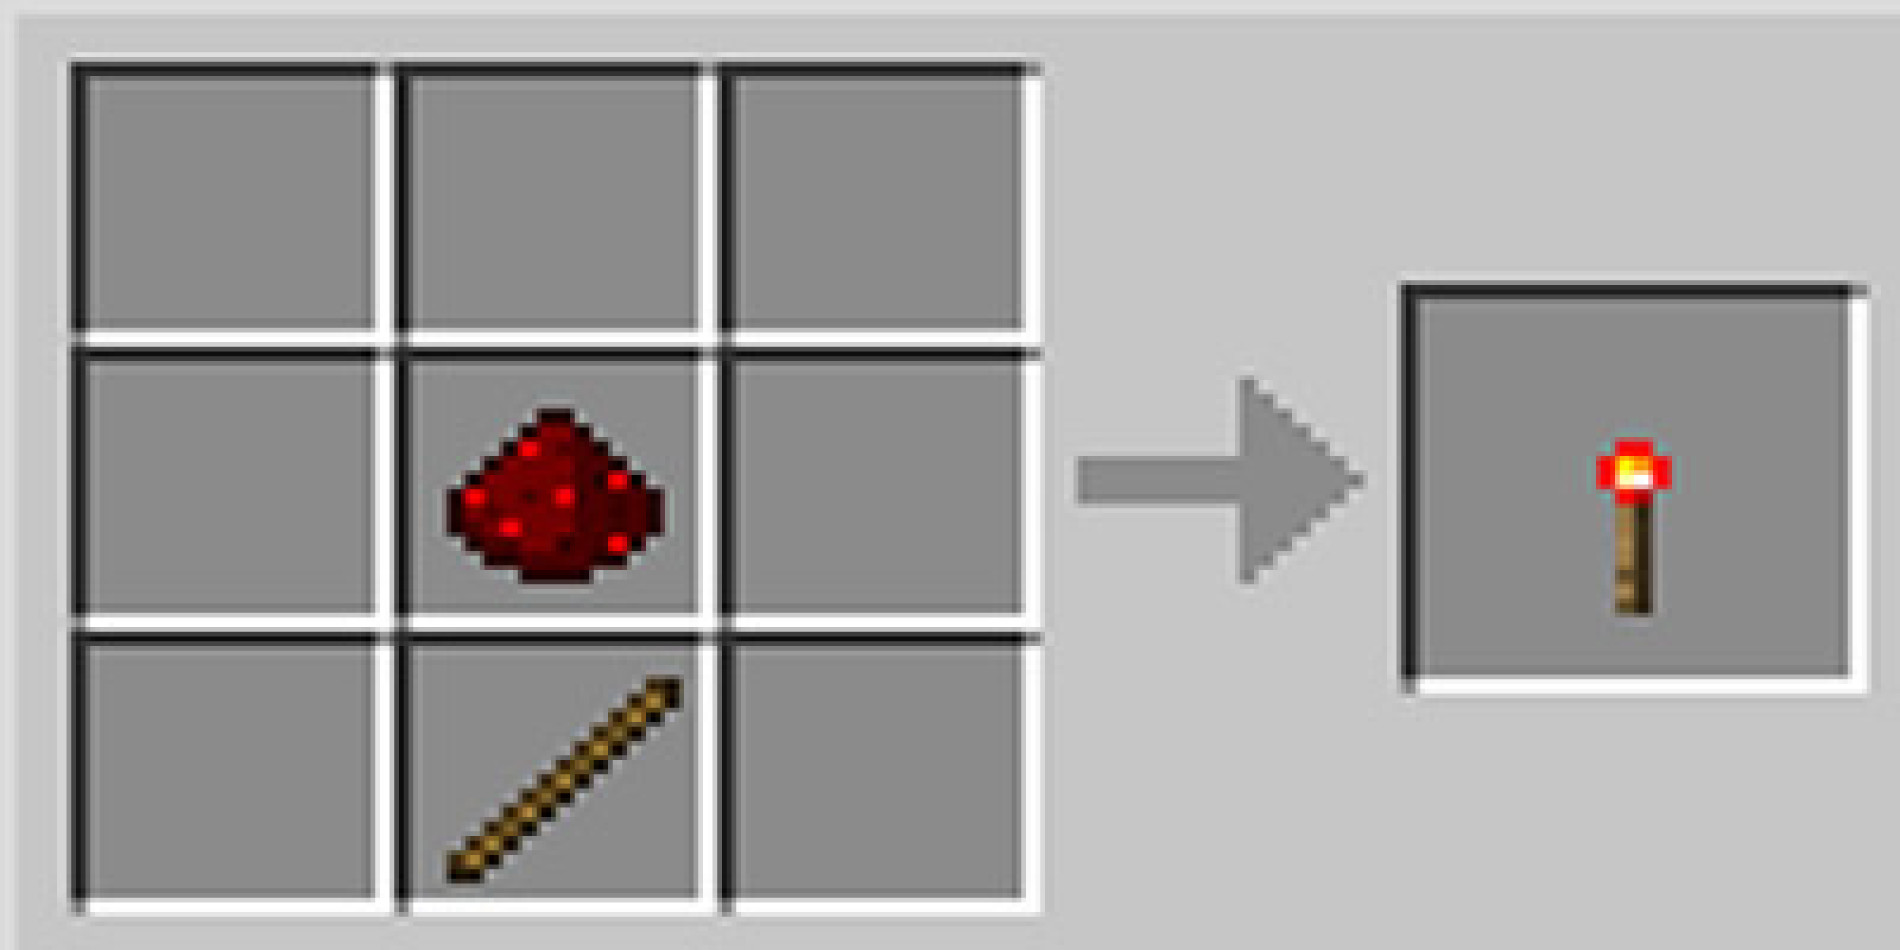 Como fazer uma tocha de redstone no Minecraft